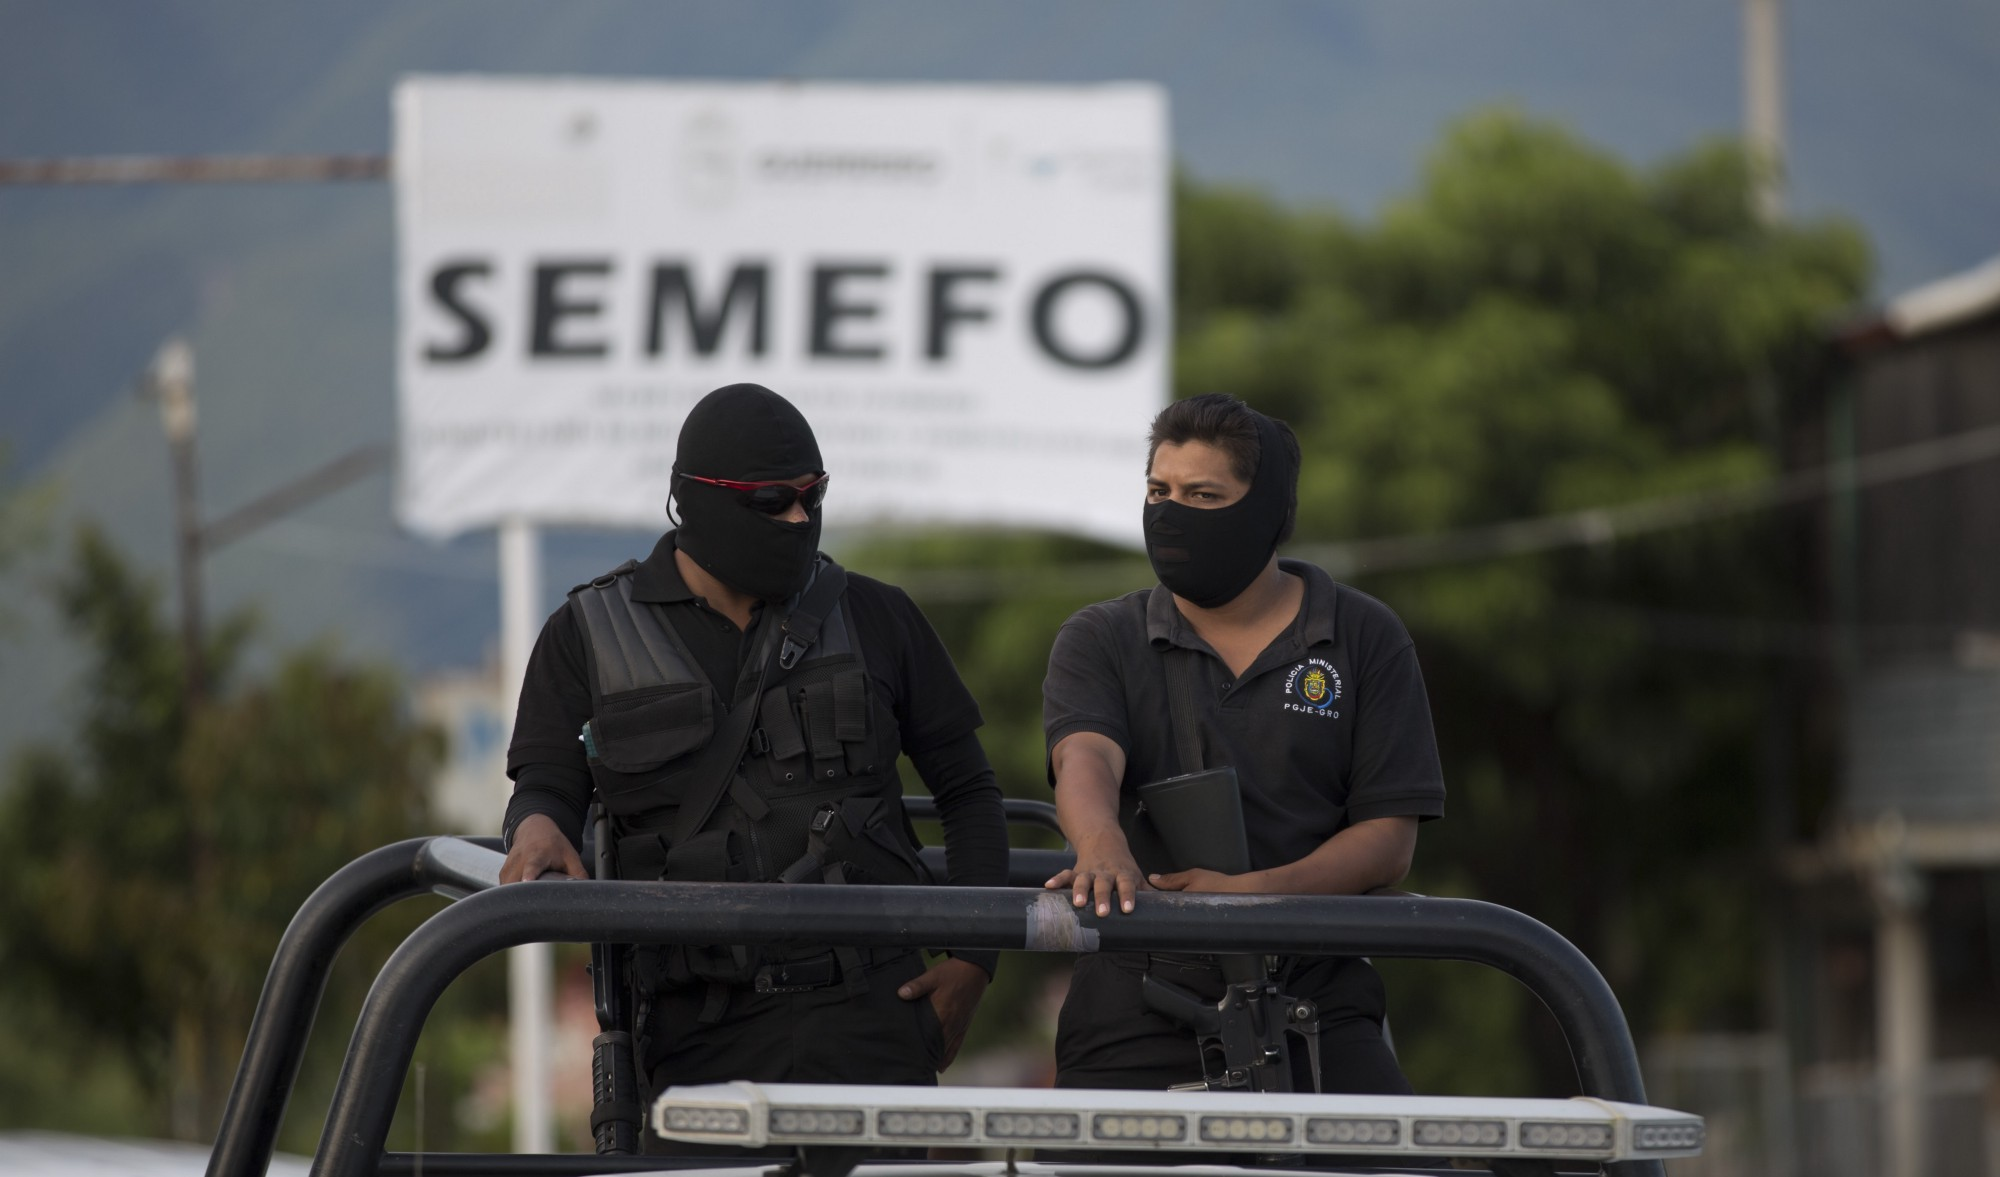 Policías hacen guardia afuera de la morgue en Iguala en el día 5 de octubre de 2014. Mientras tanto, padres de los desaparecidos exigen saber qué sucedió con sus hijos después de que se encontraron fosas clandestinas masivas.